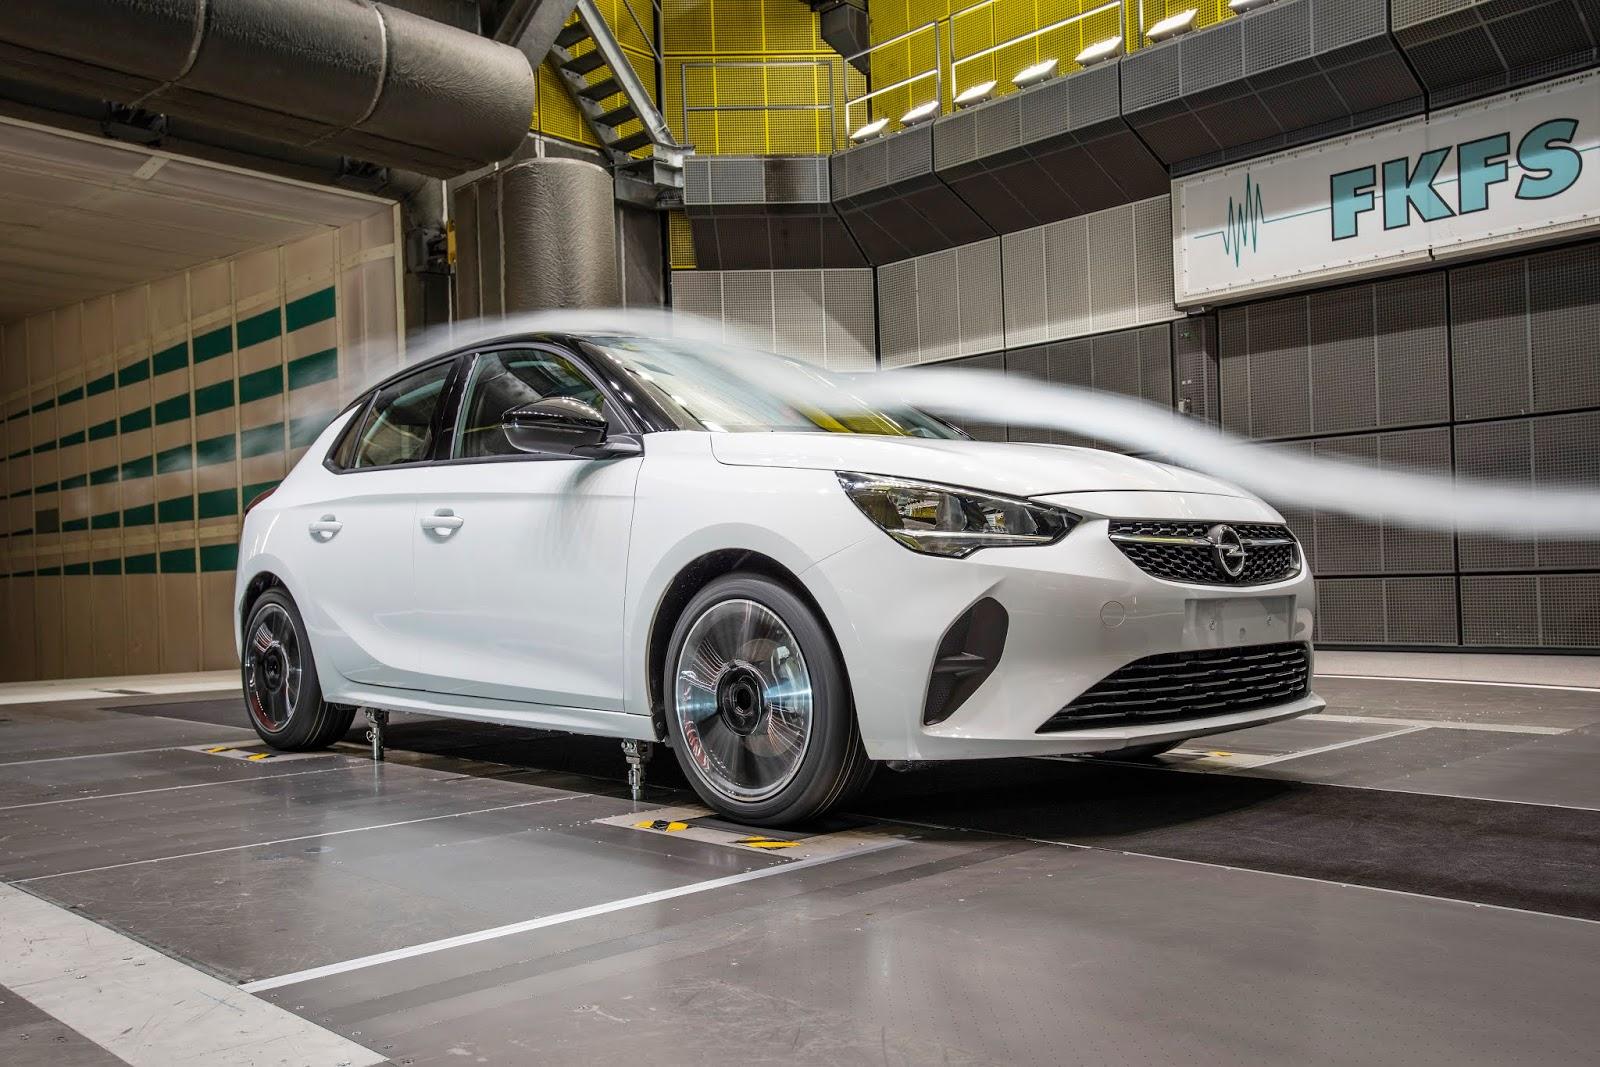 2019 - [Opel] Corsa F [P2JO] - Page 13 2019-opel-aerodynamic-507975